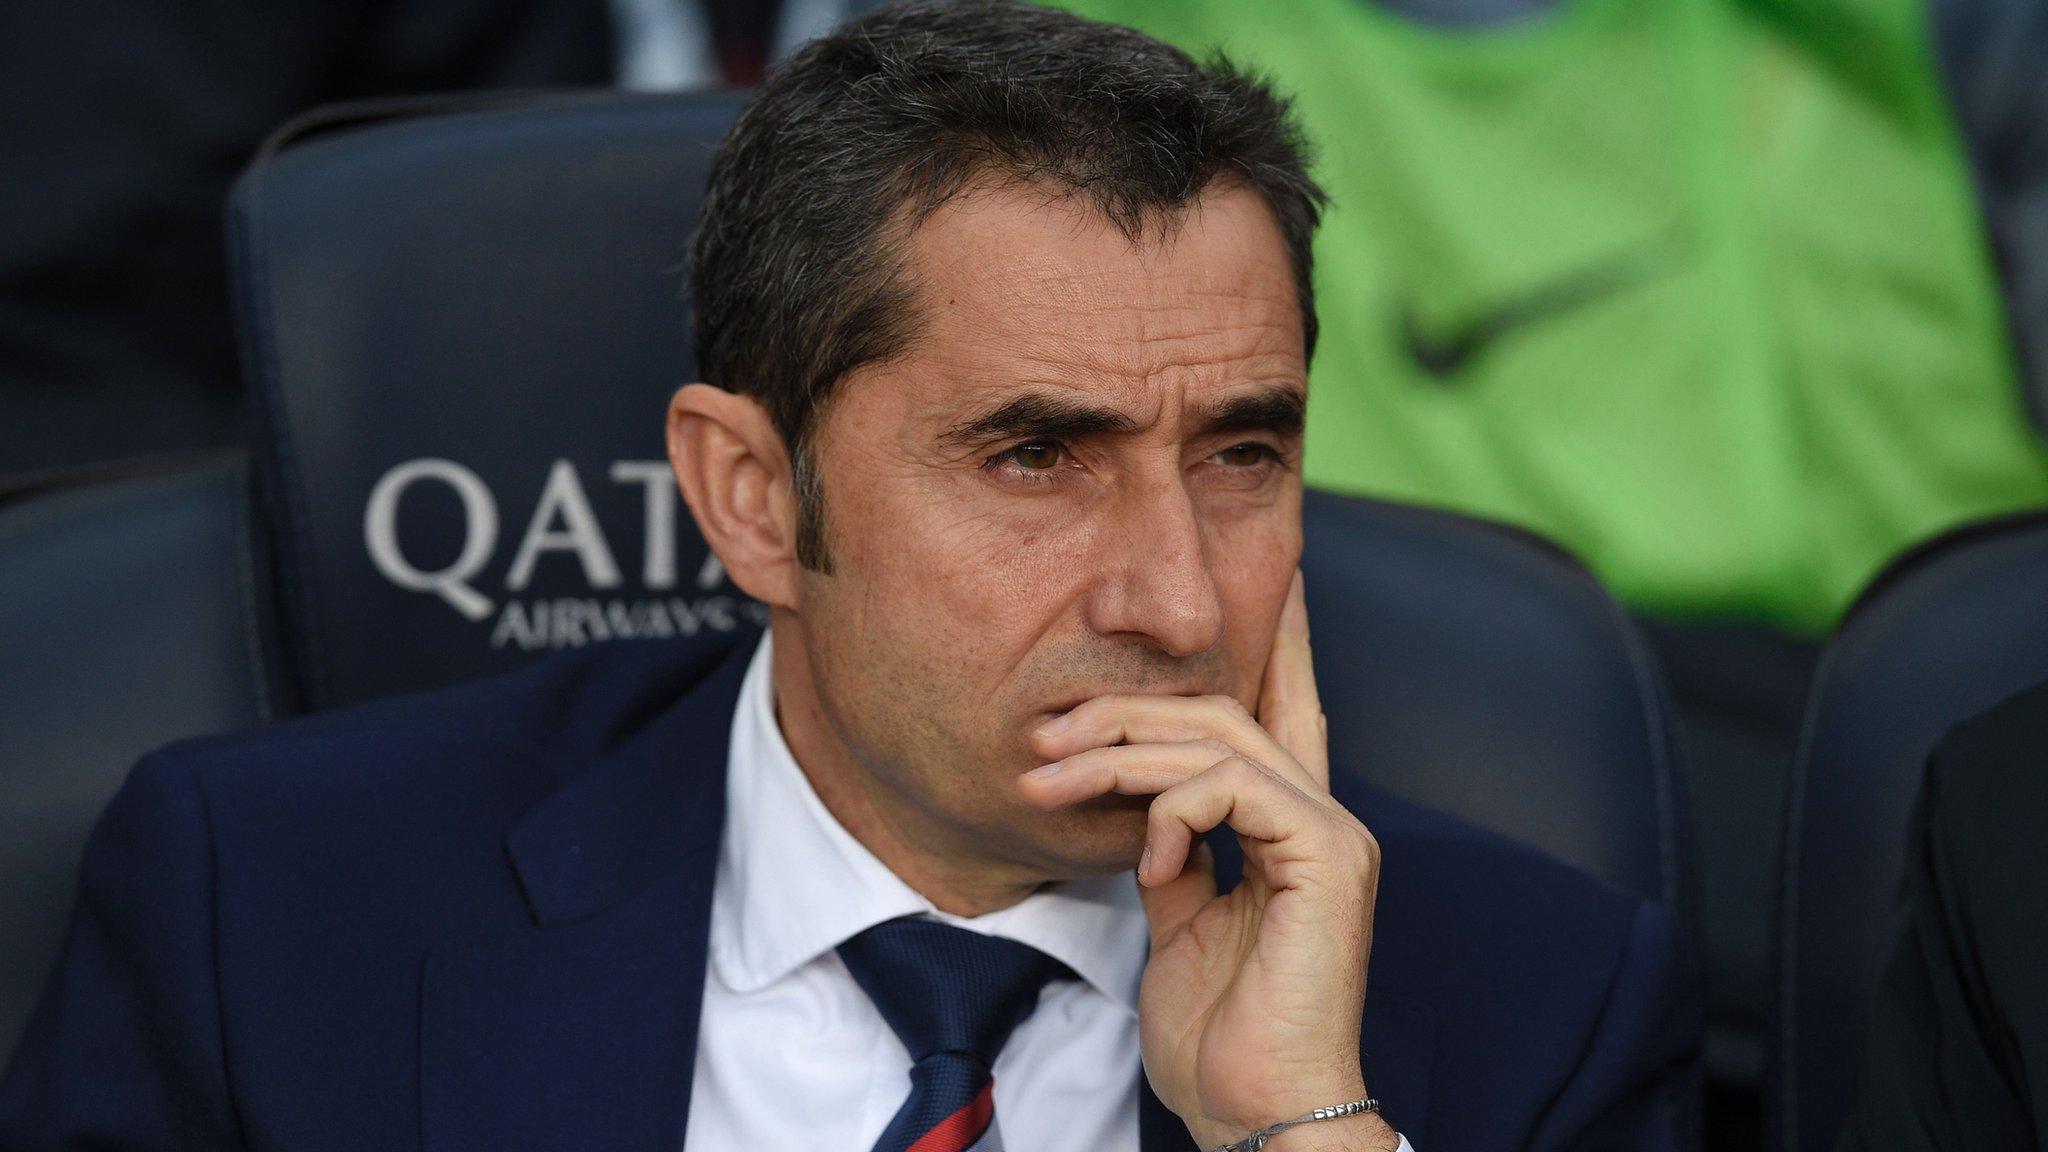 Barcelona: Ernesto Valverde replaces Luis Enrique as manager